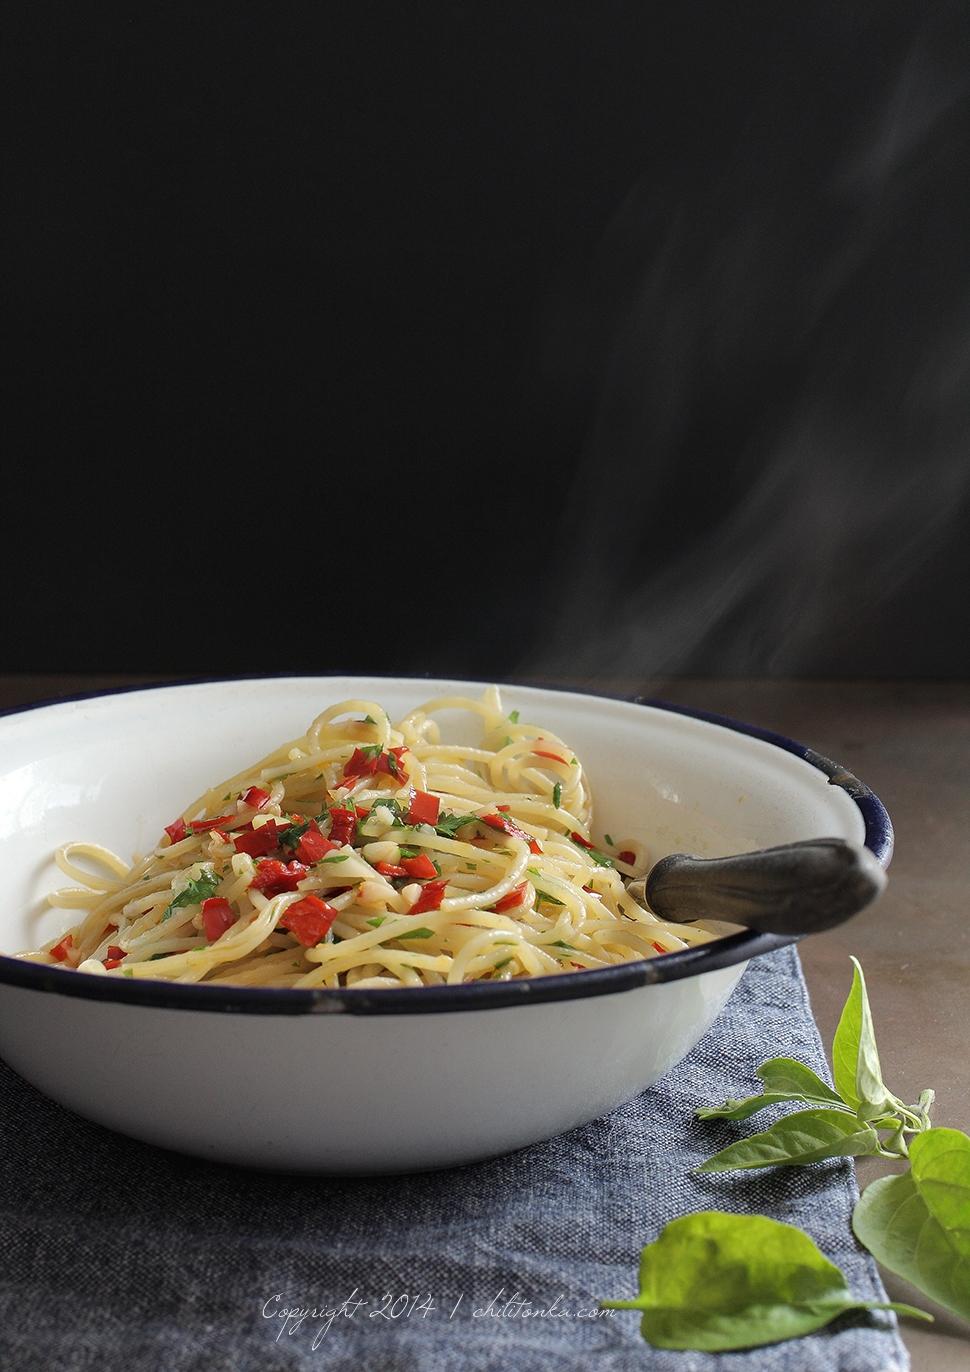 Spaghetti aglio olio | chilitonka